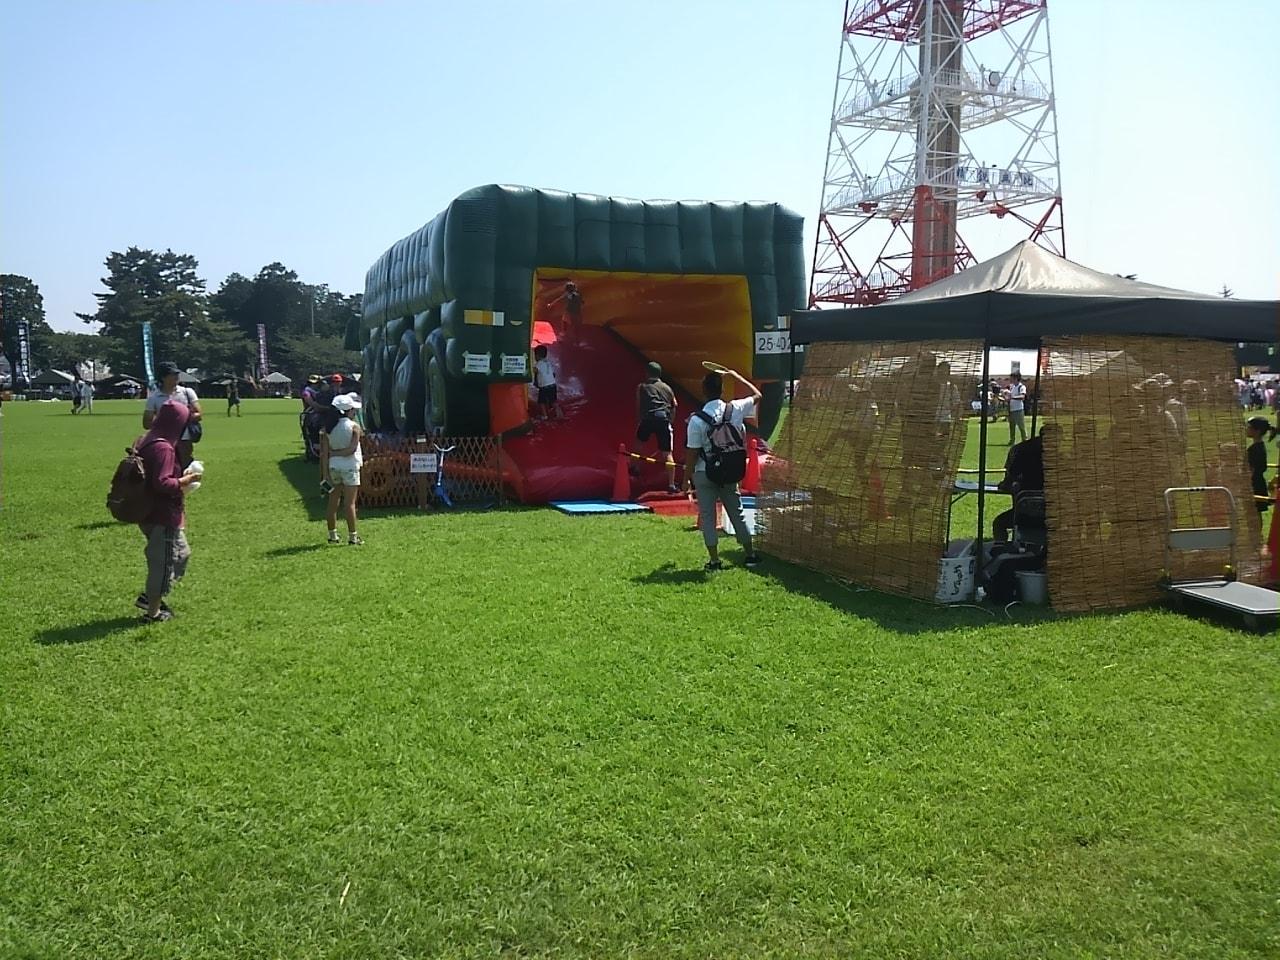 習志野駐屯地夏祭りの行き方